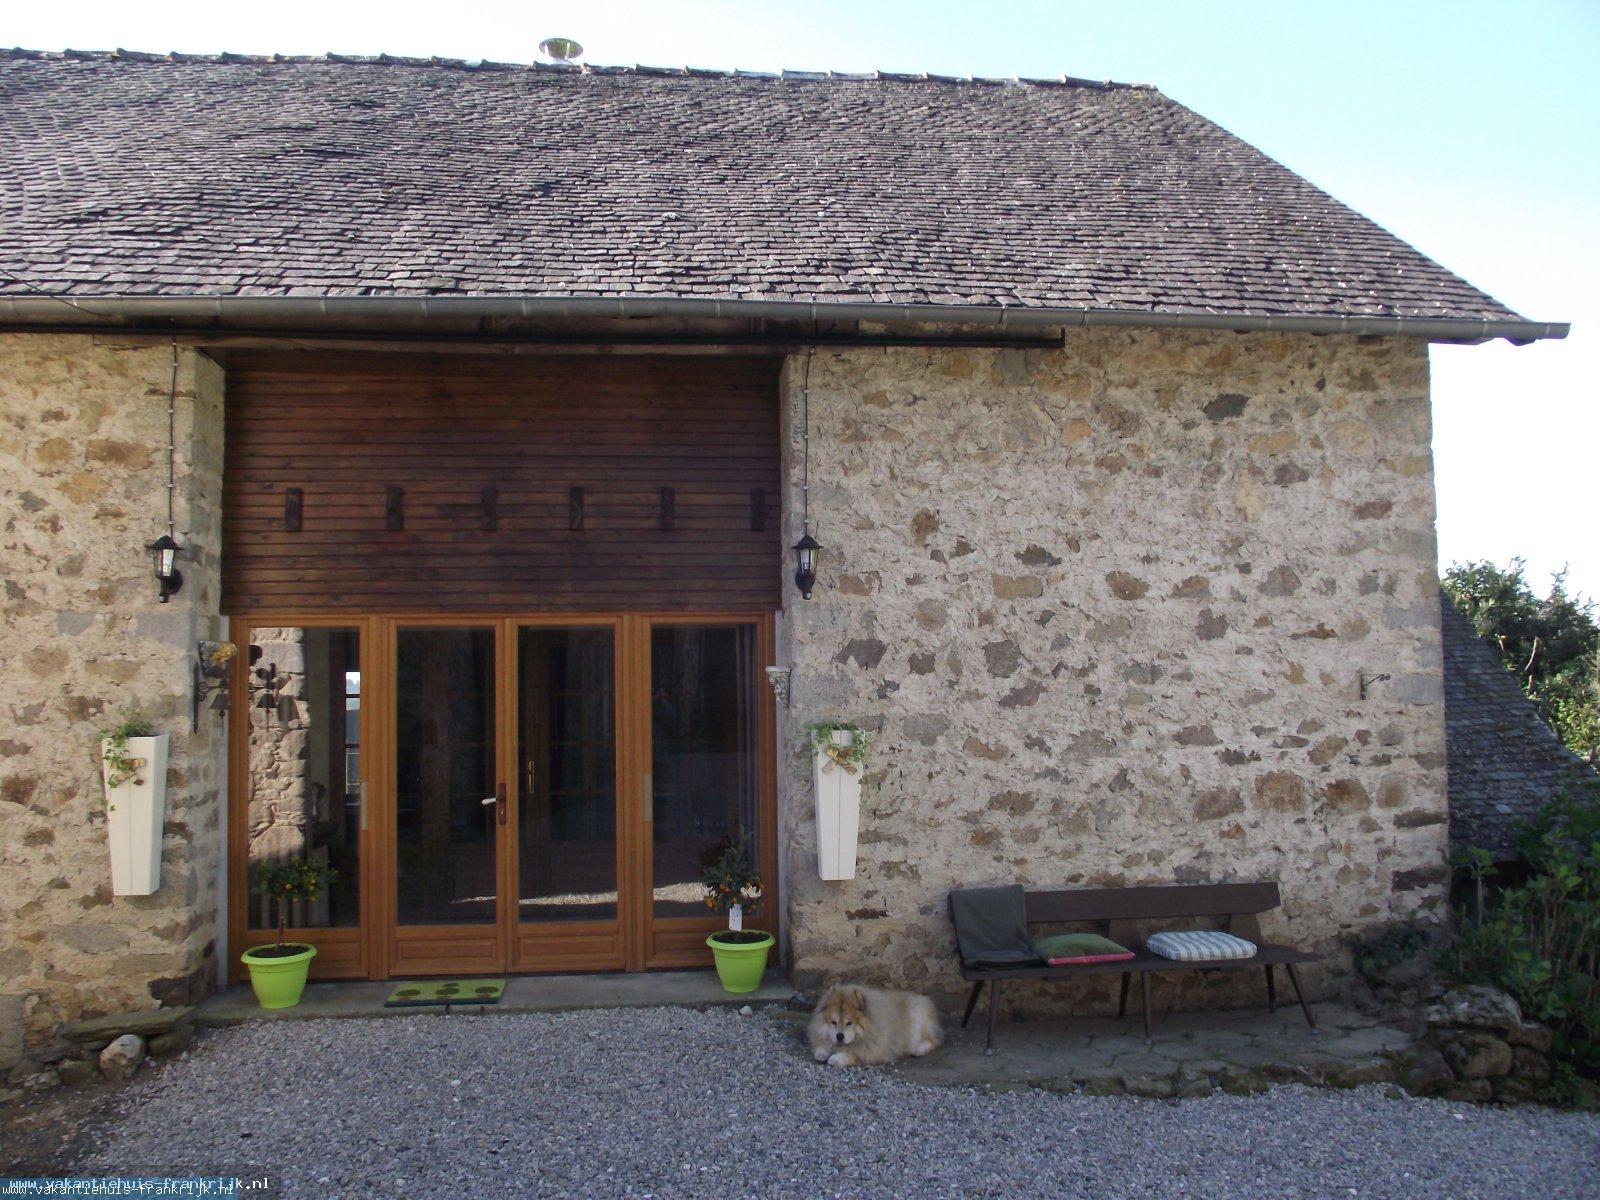 Vakantiehuis: Ruime en luxe vijf persoons gite, en is prachtig en rustig gelegen met een uitzicht over de vallei van de Vezere. te huur voor uw vakantie in Correze (Frankrijk)